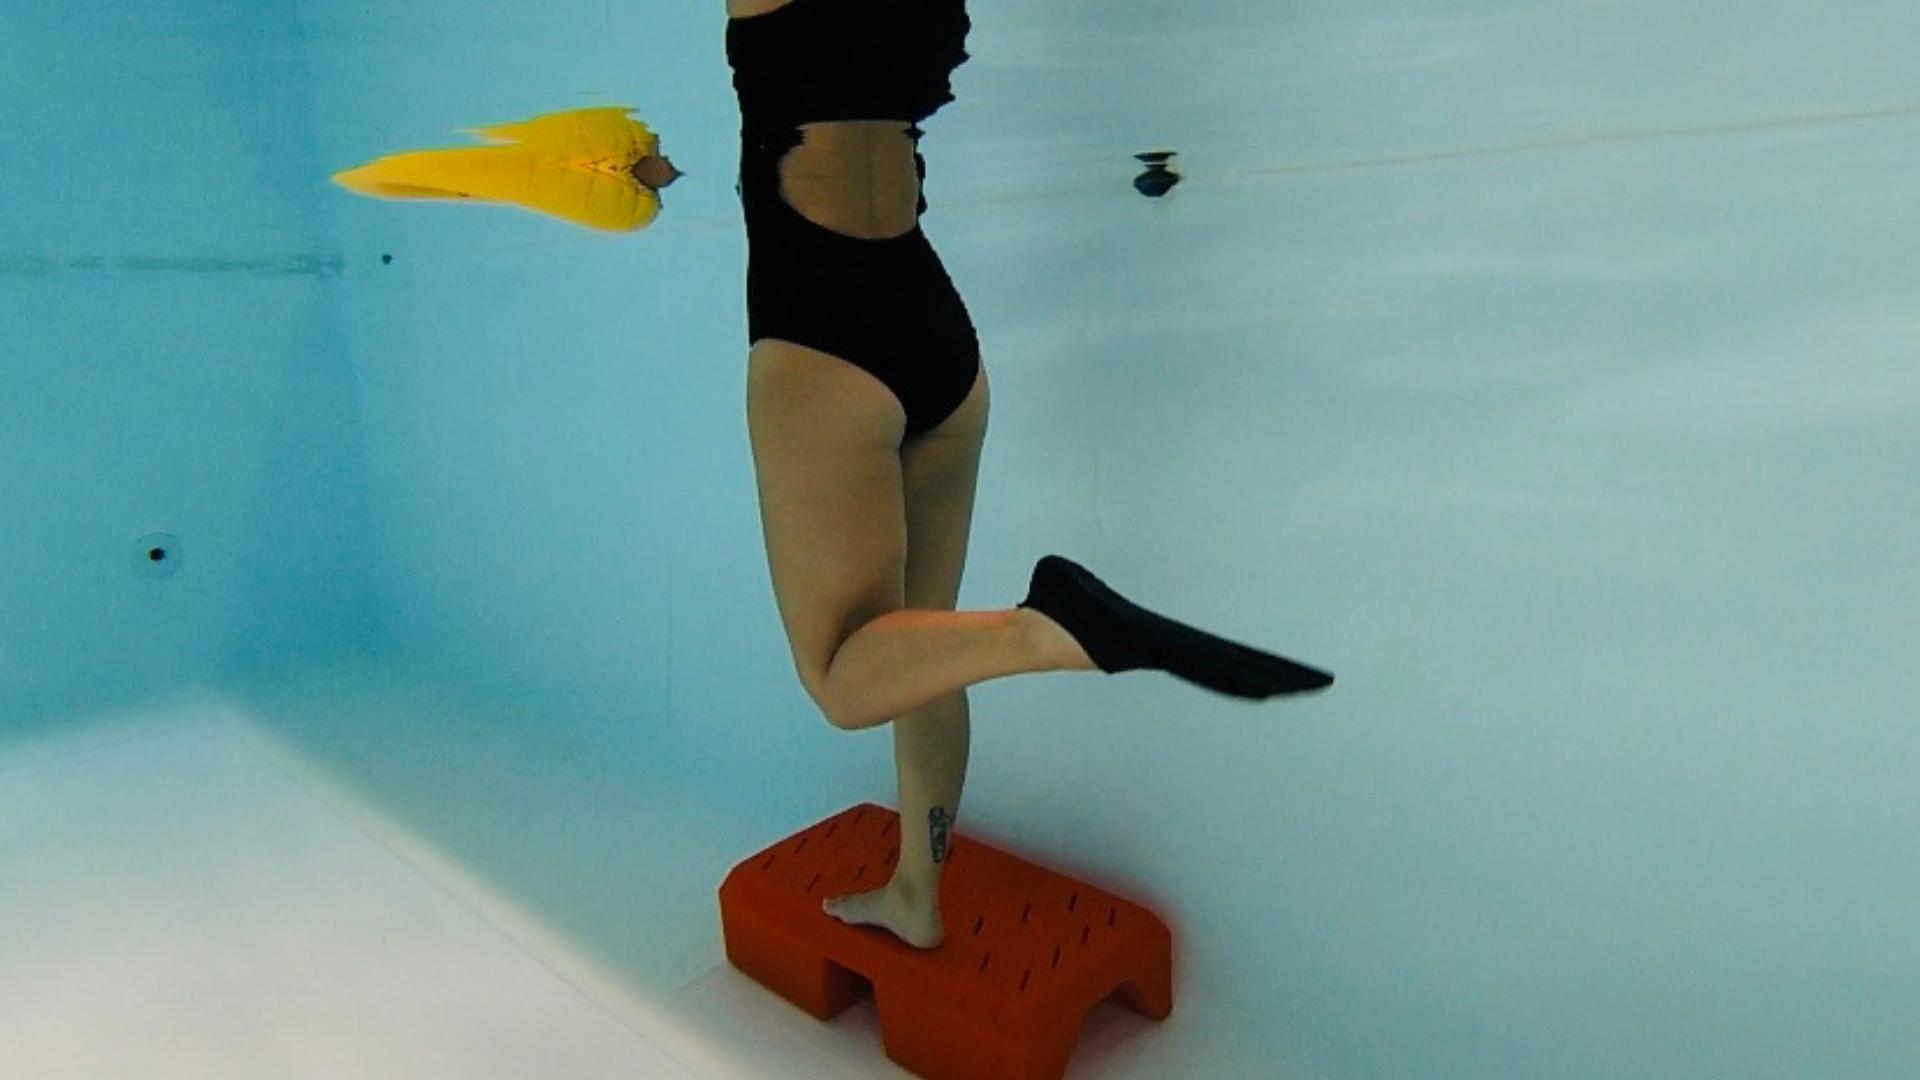 Esercizio con pinna per rinforzare le gambe